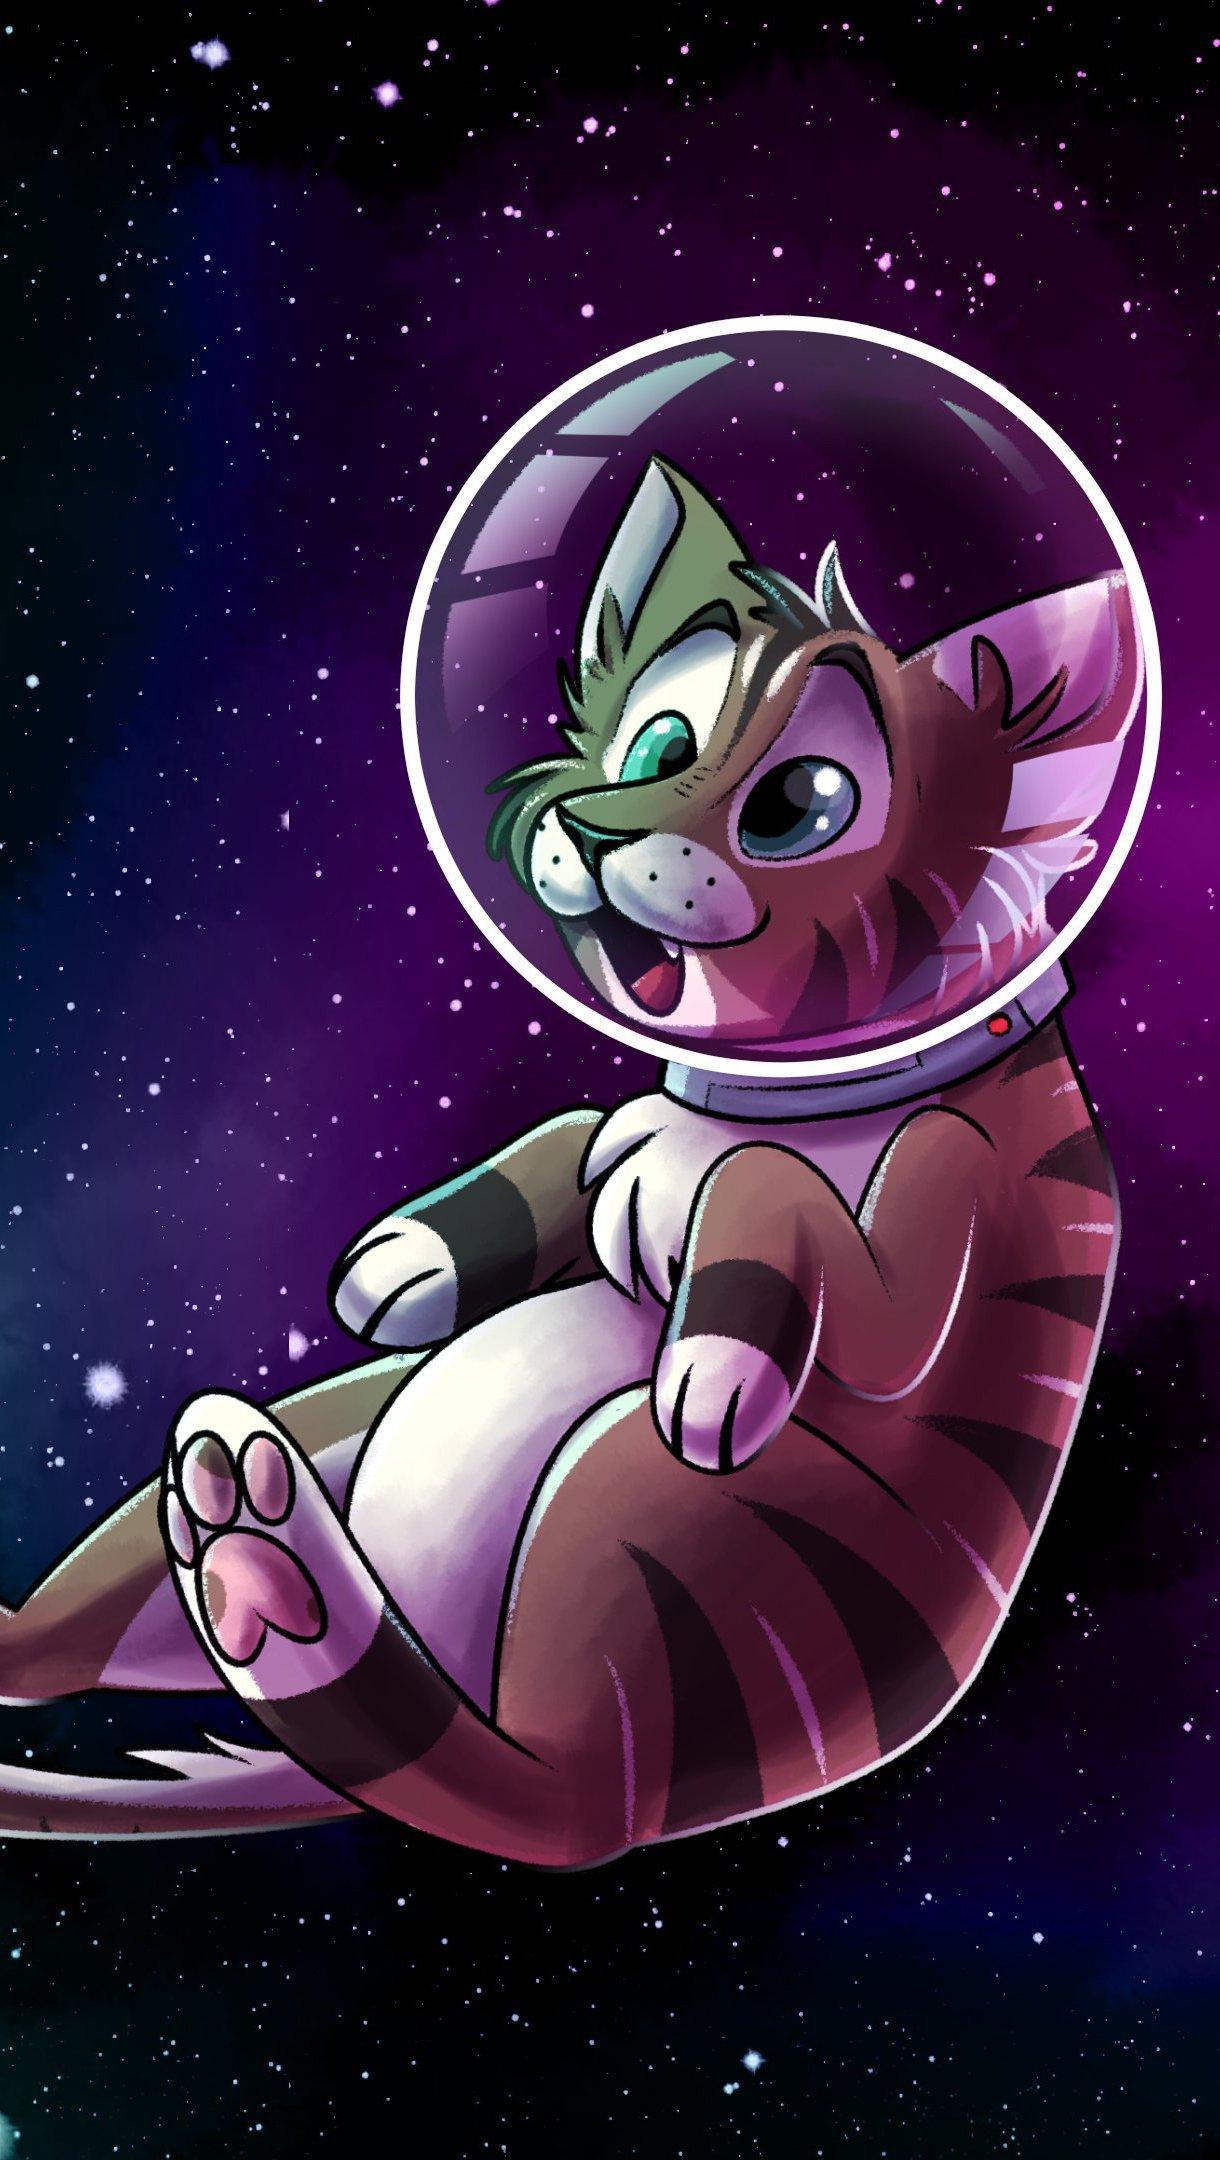 Wallpaper Catstronaut in space Vertical